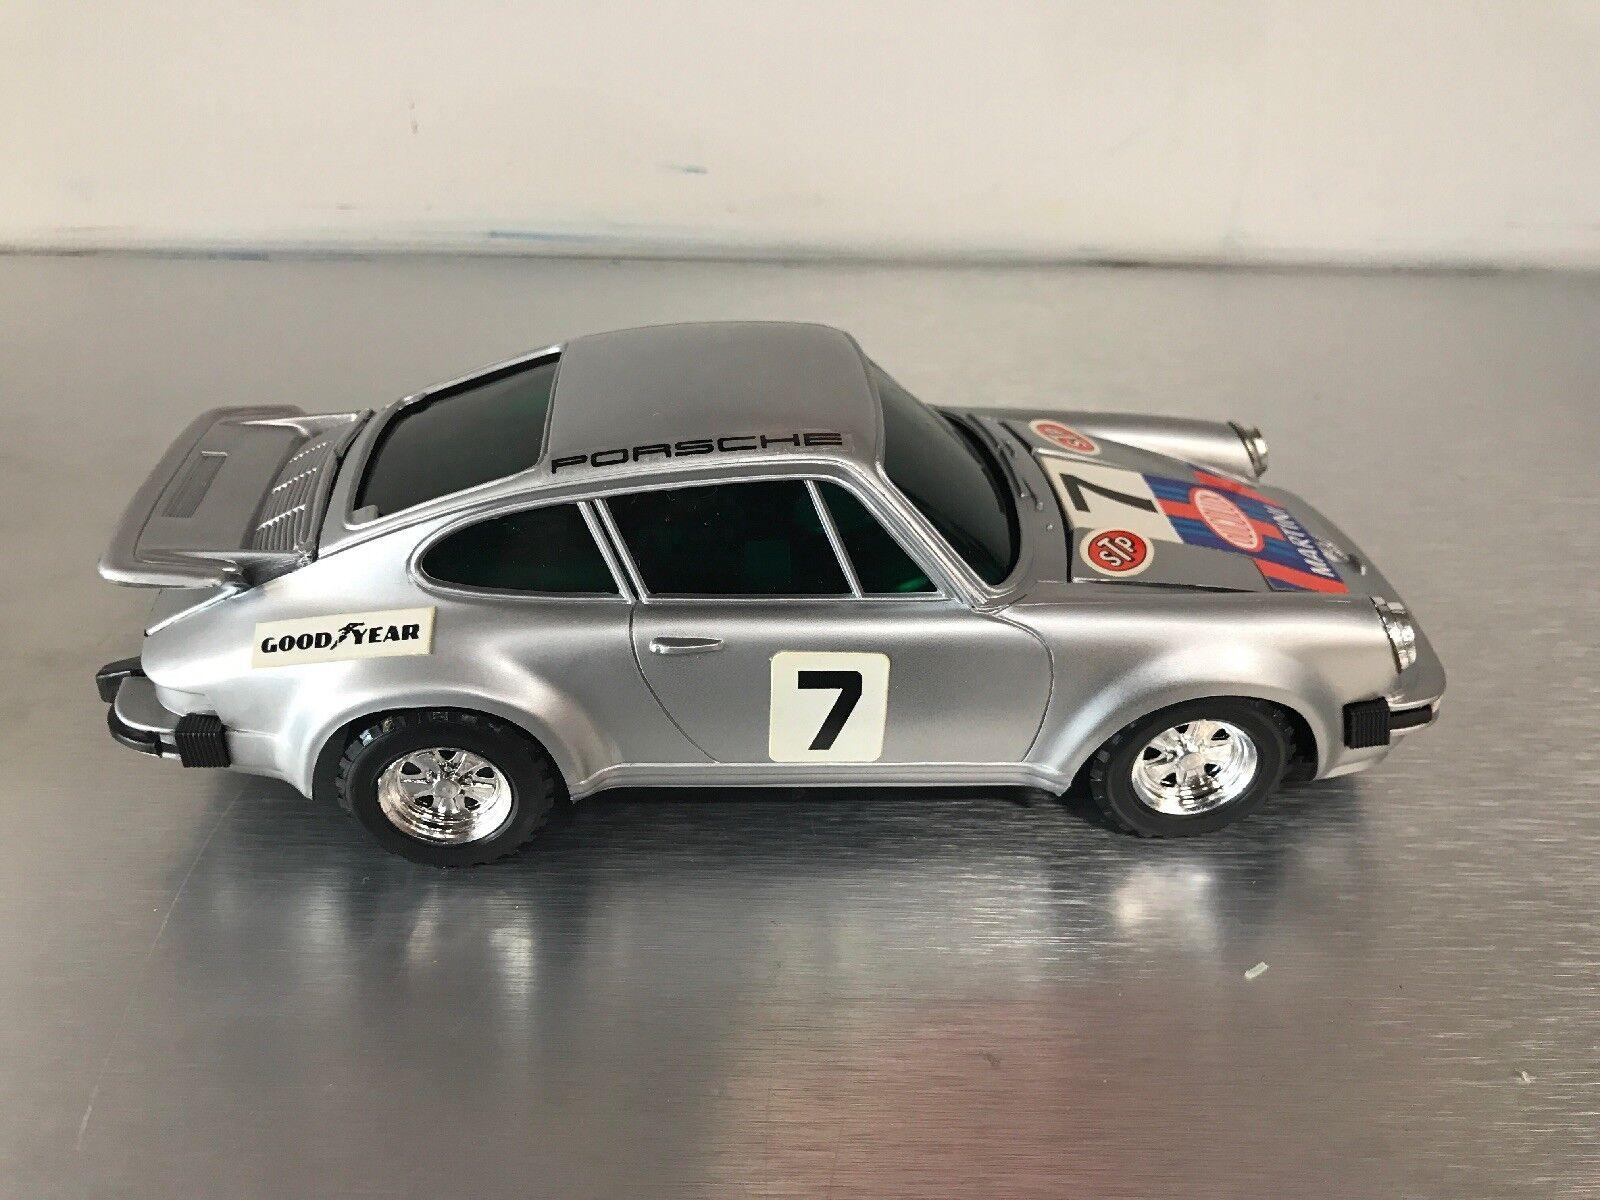 Solid State Racing Car Radio Porsche Porsche Porsche Made In Hong Kong 583c29